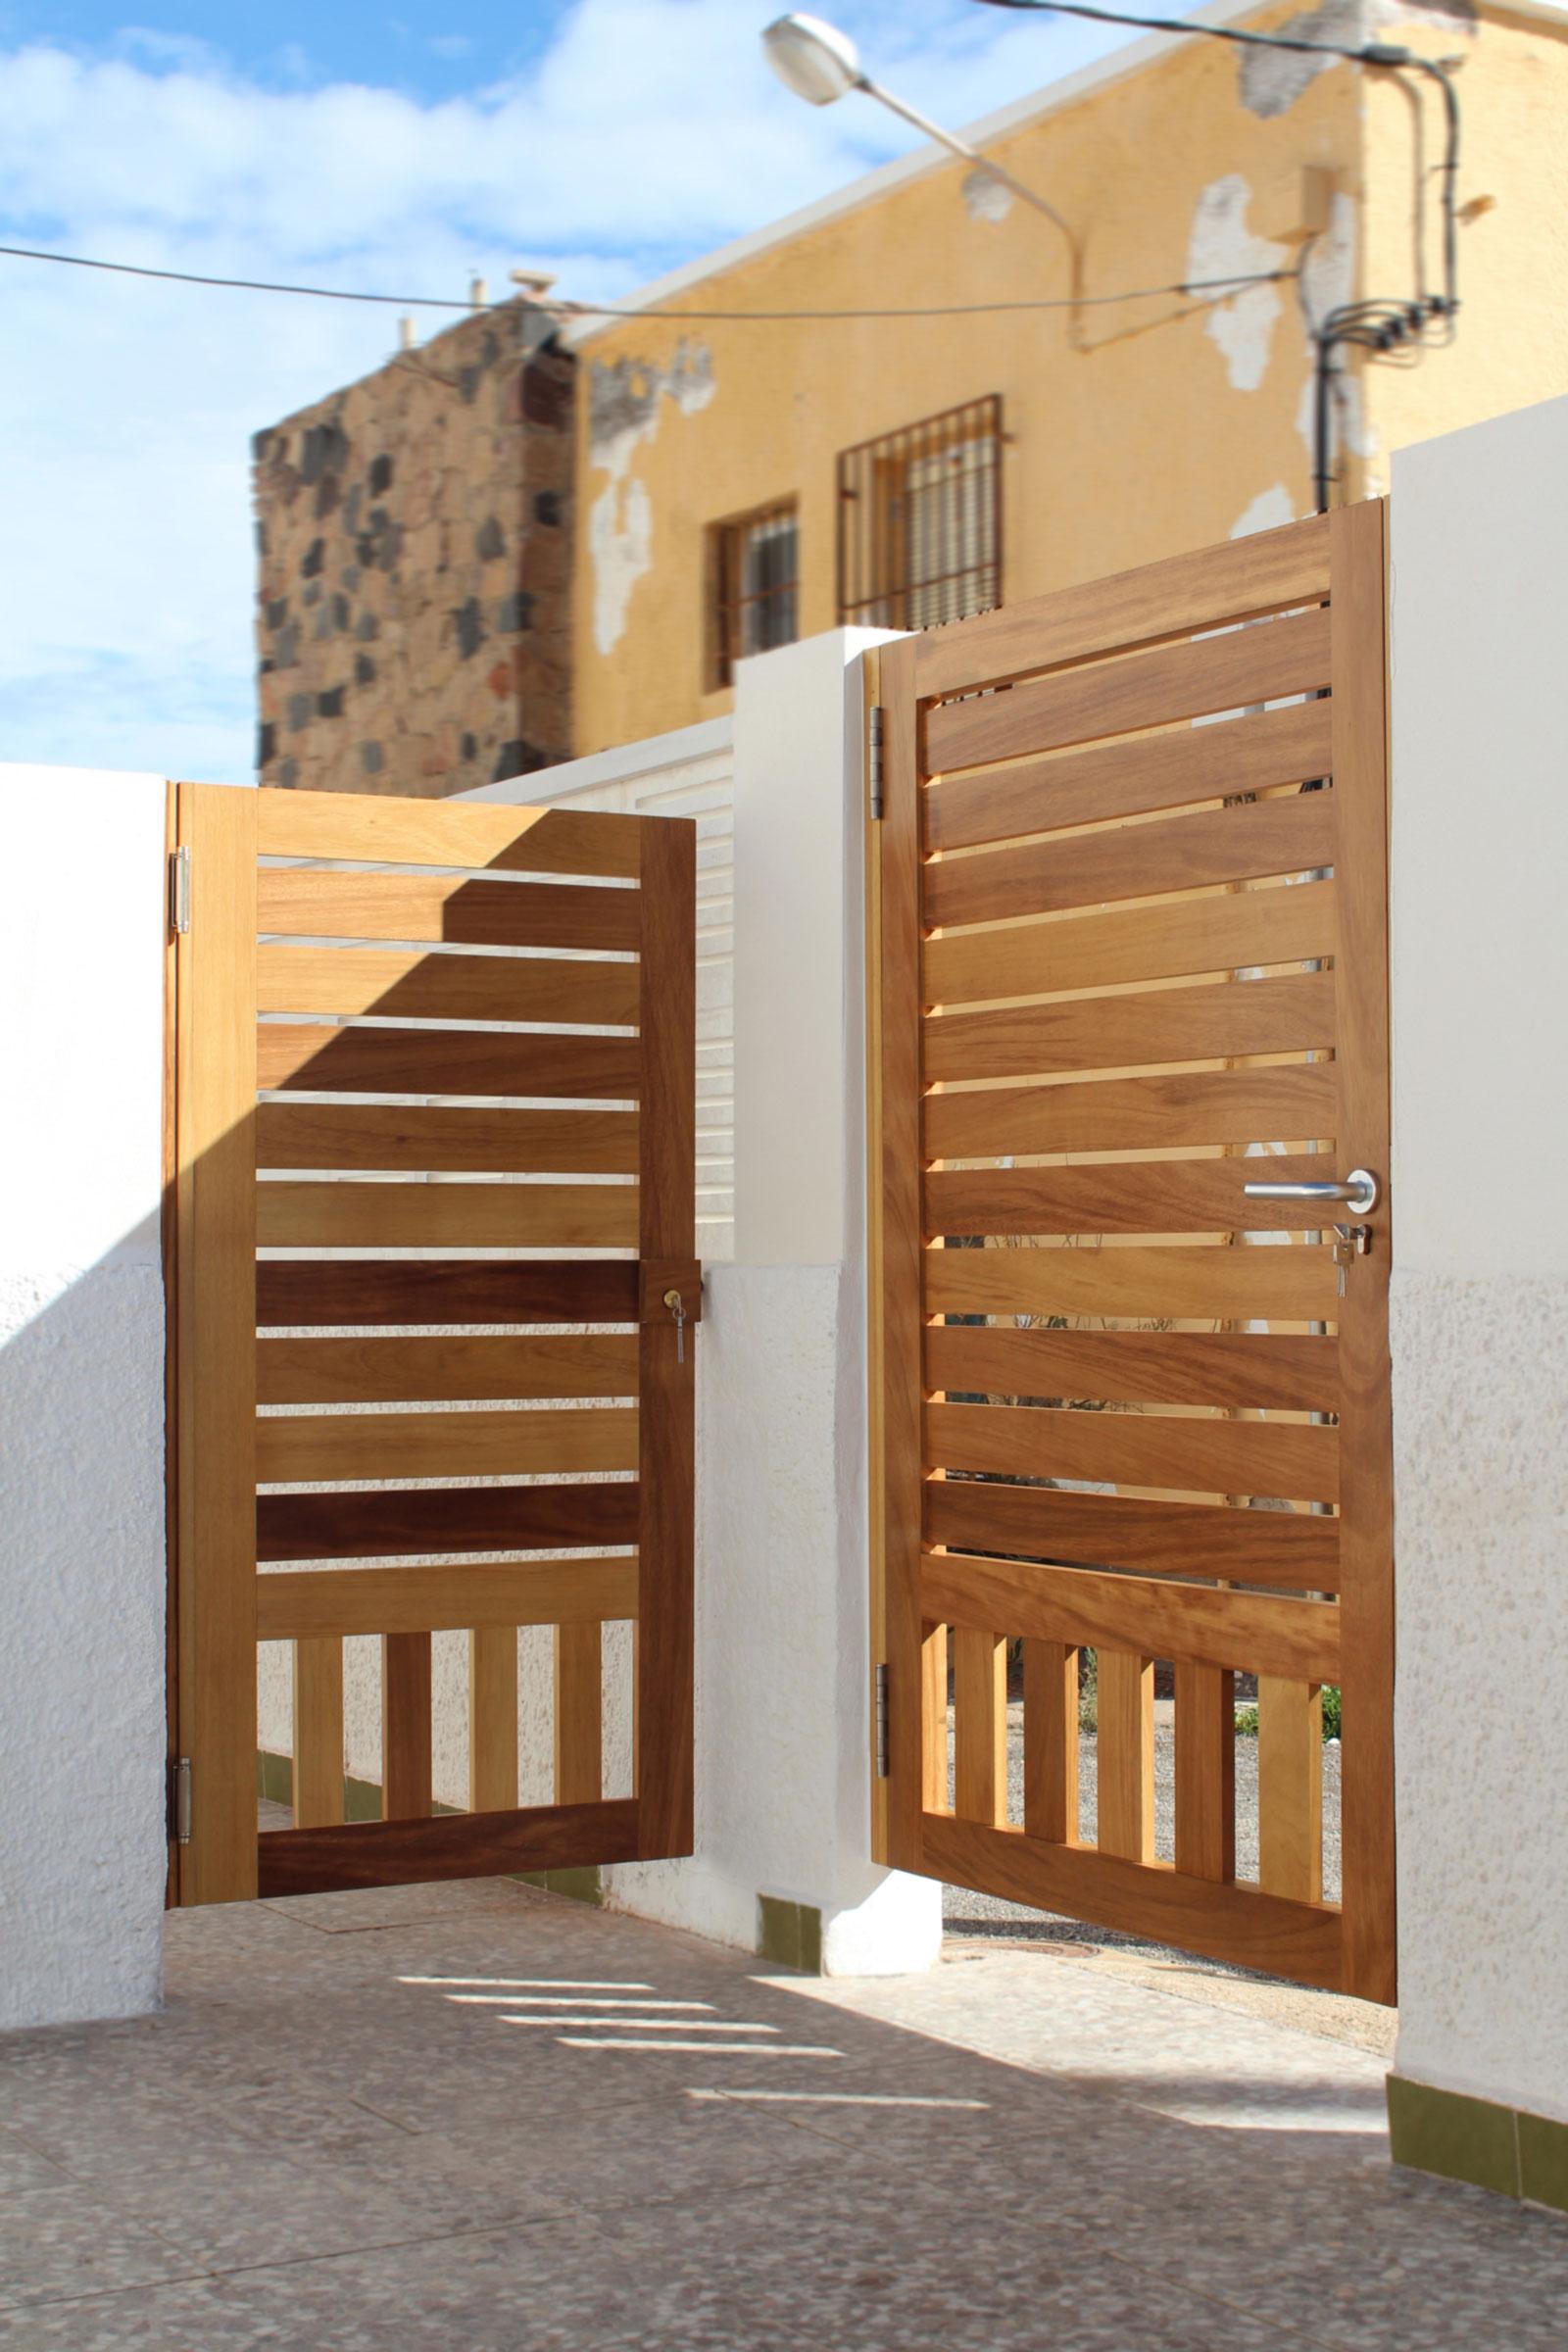 Puertas de madera a medida en almeria benoit roubaud for Madera para puertas